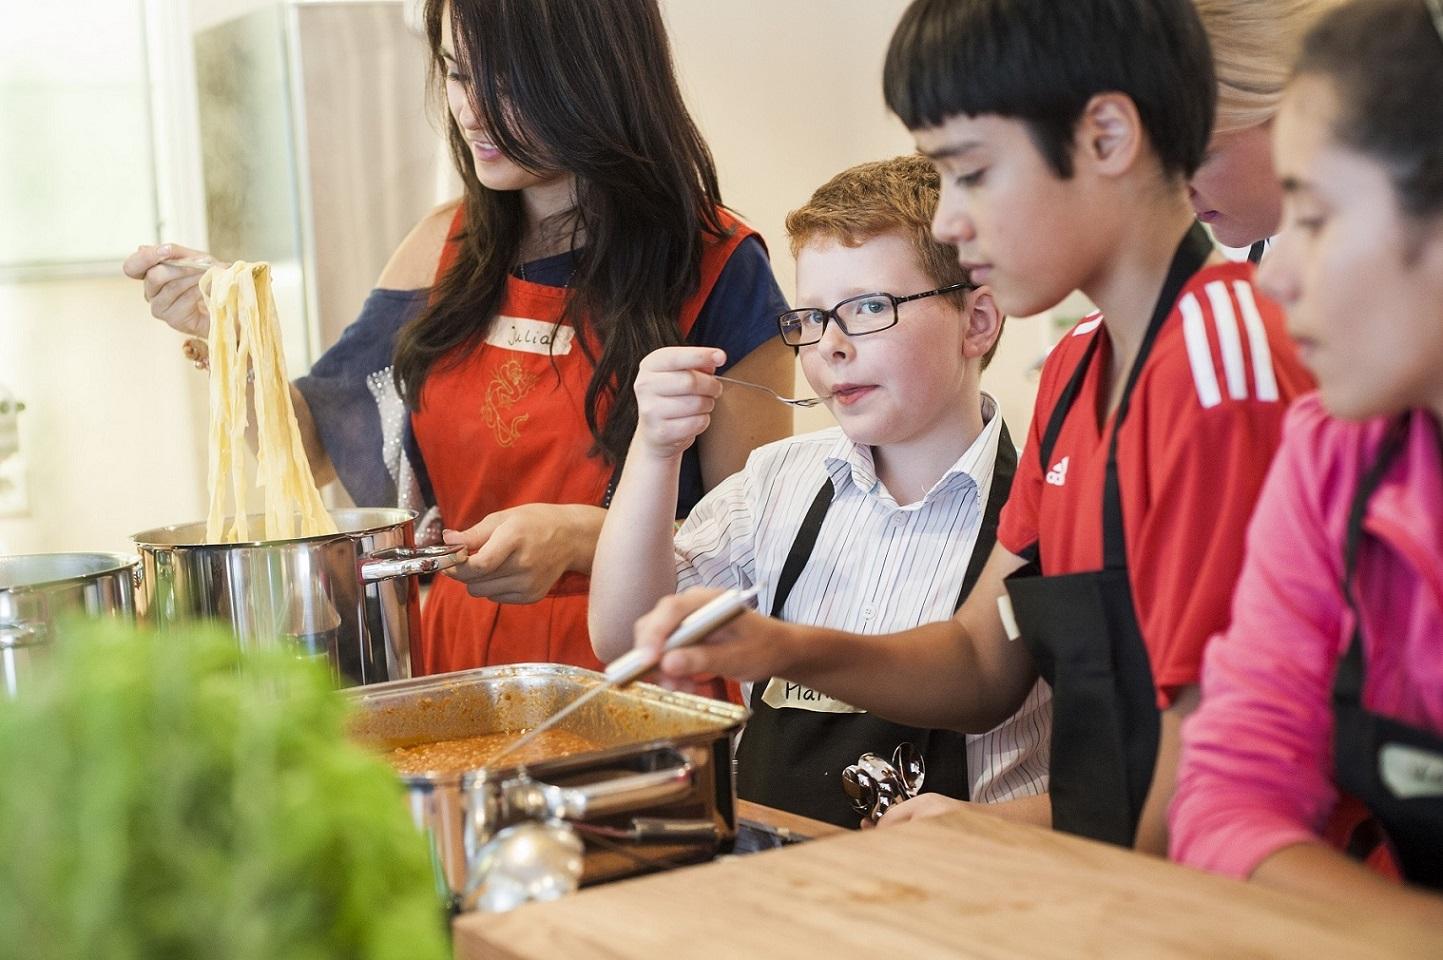 Eine Gruppe Kinder, gefördert vom Programm CHILDREN Entdecker, kocht gemeinsam Pasta.